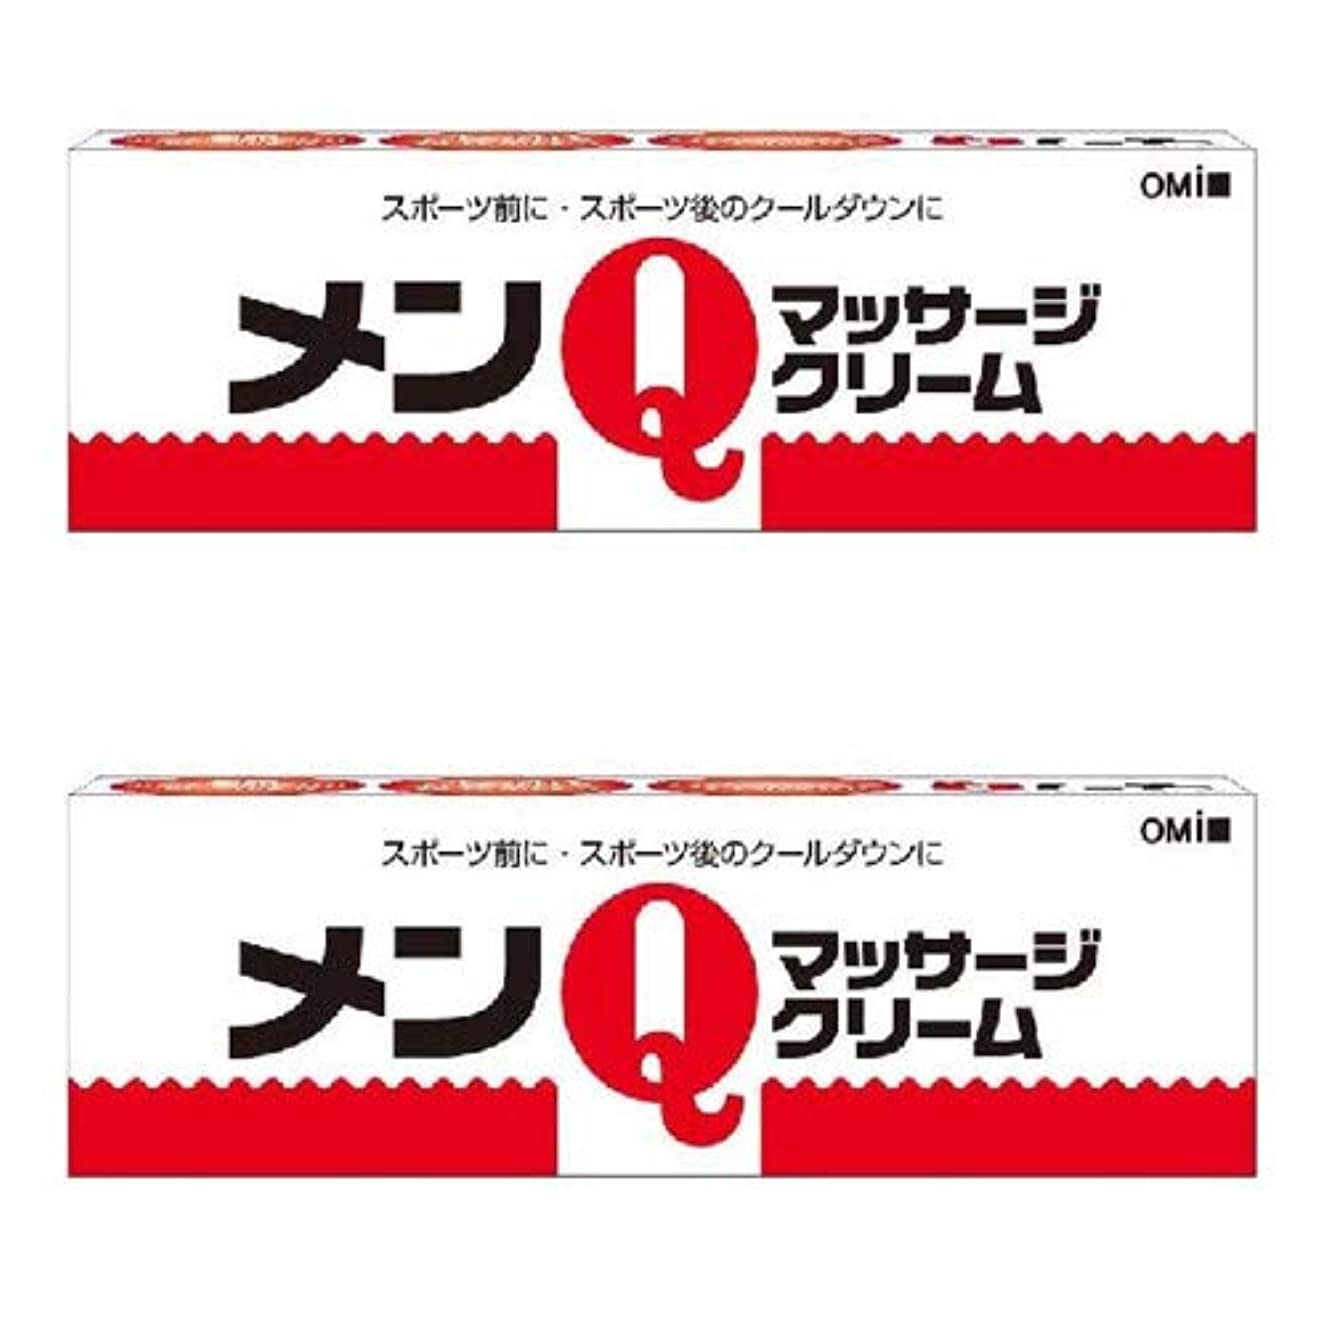 抽選再びアスレチック近江兄弟社 メンQマッサージクリーム 65g×2個セット